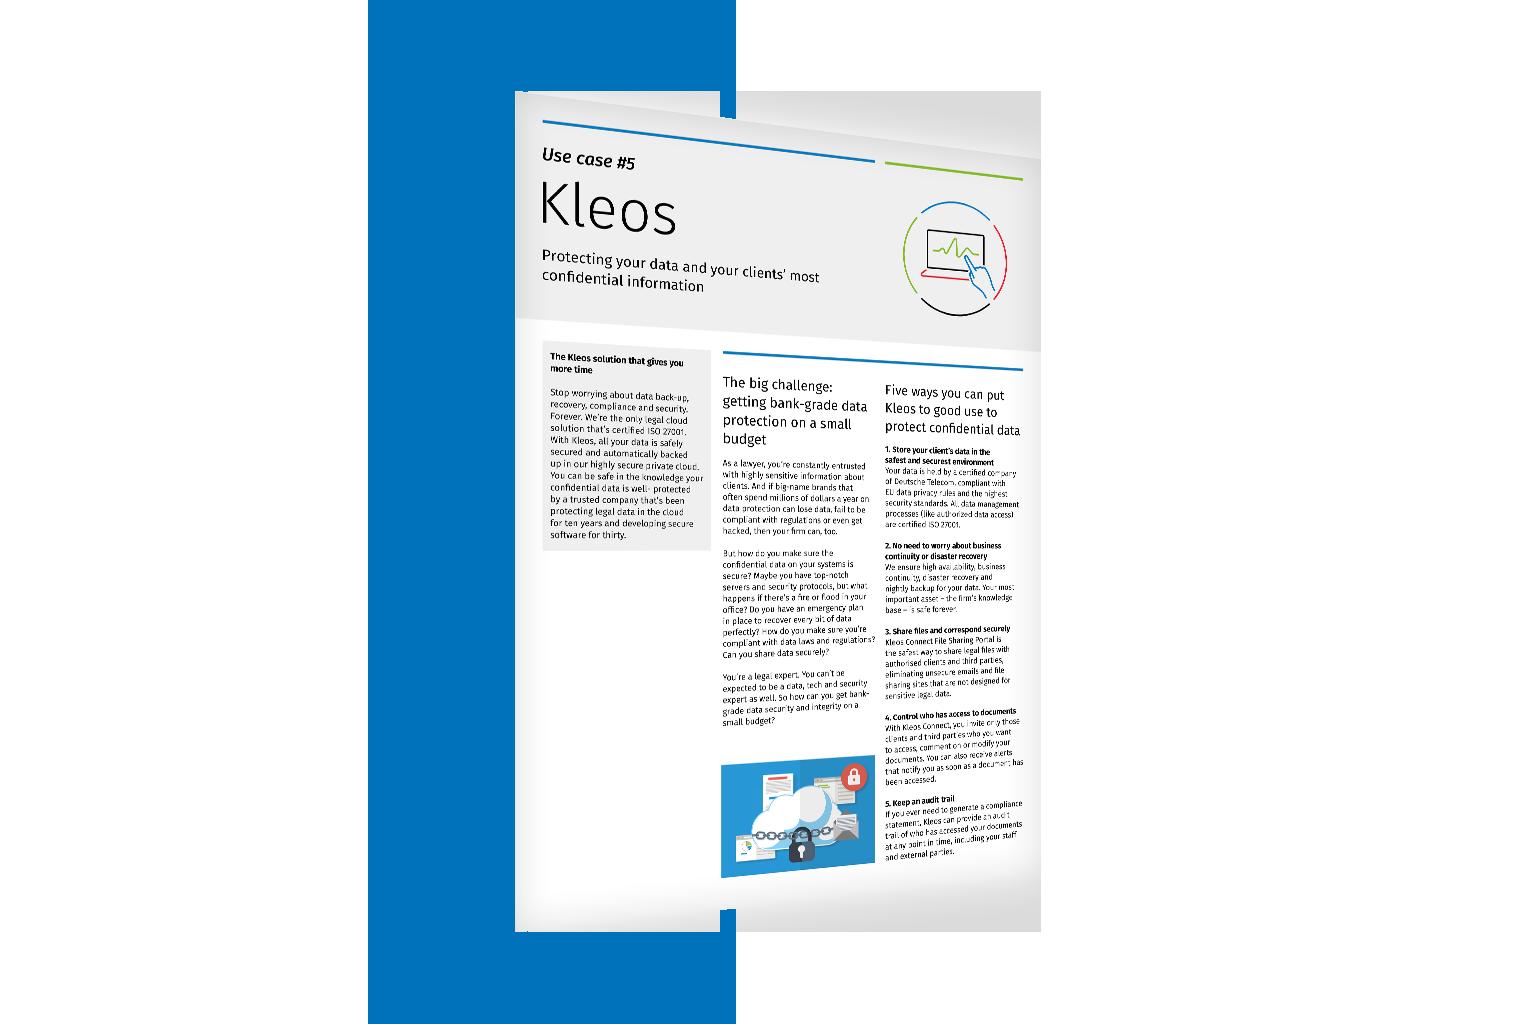 Kleos-Use-Case-5-Data-Protection-EN-EU-1536x1024